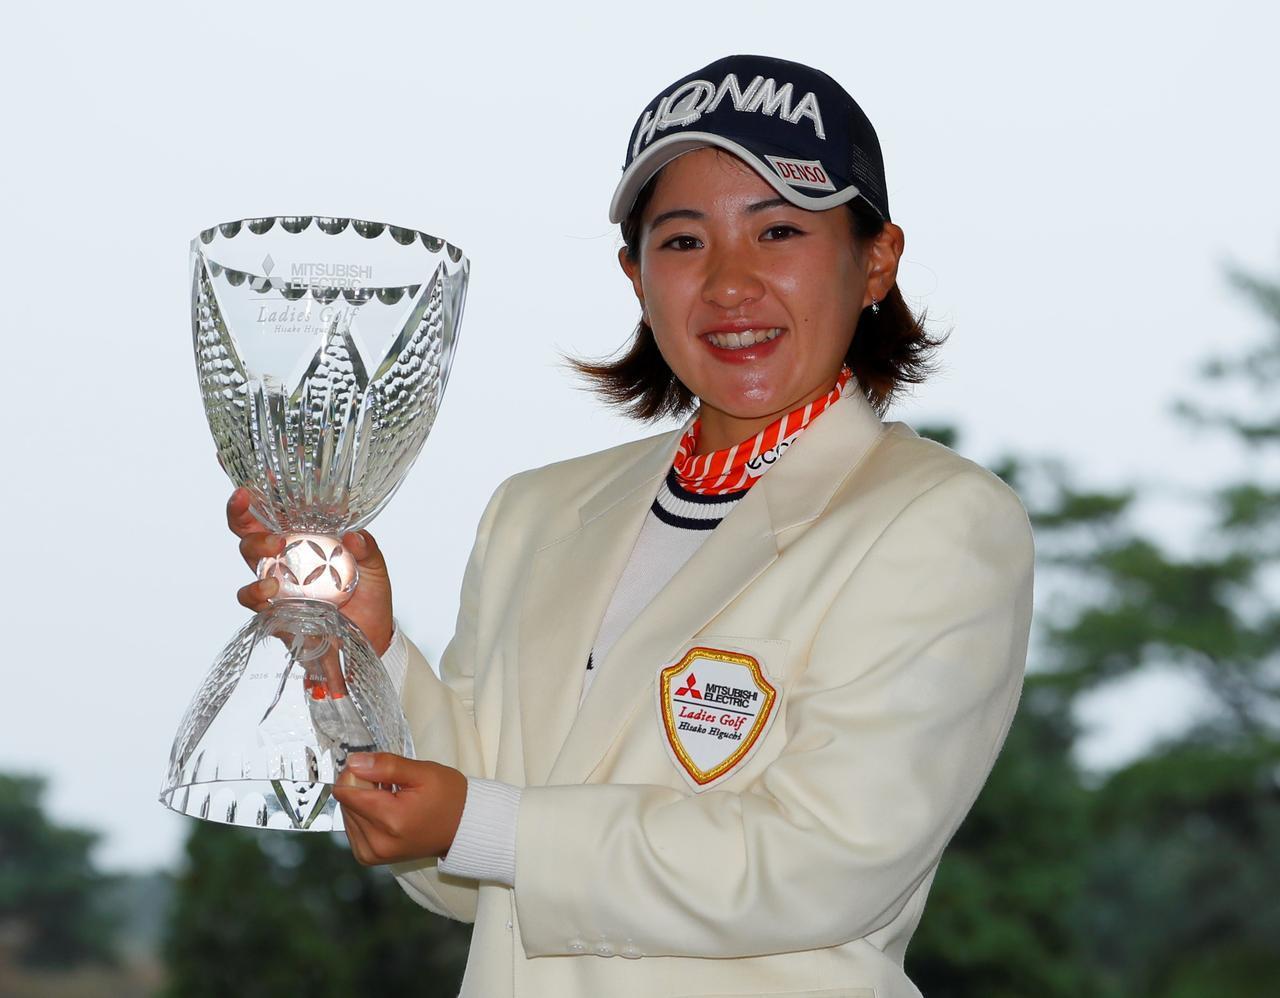 画像: 驚異のフェアウェイキープ率「89.28%」! 初優勝・永井花奈のフェースコントロールの秘密【勝者のスウィング】 - みんなのゴルフダイジェスト